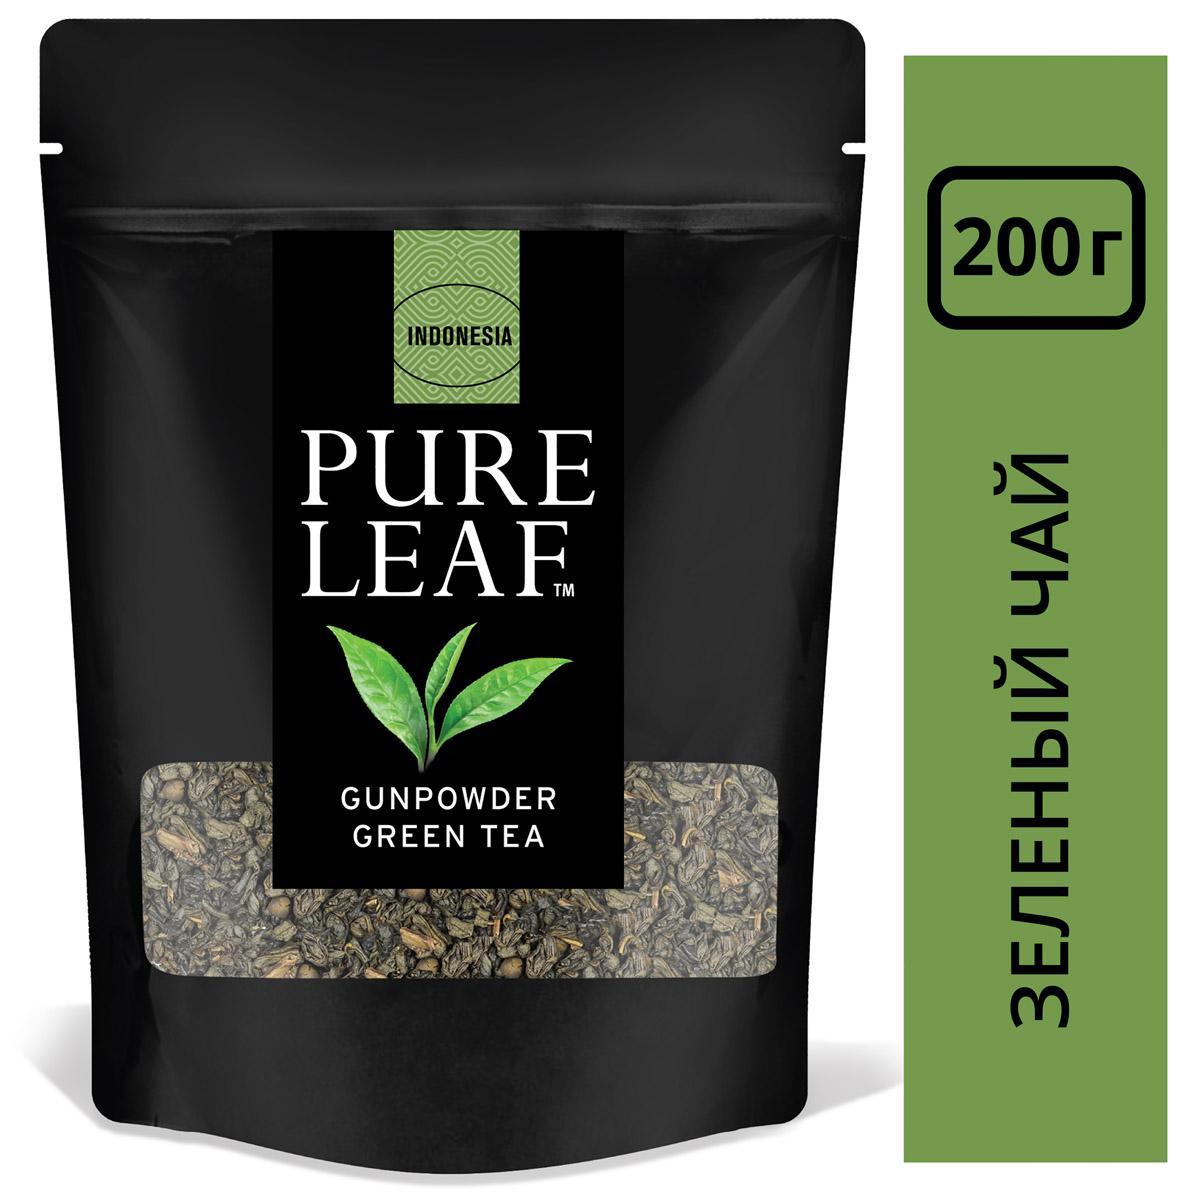 PURE LEAF зеленый чай листовой Gunpowder (200г) - Крупнолистовой чай